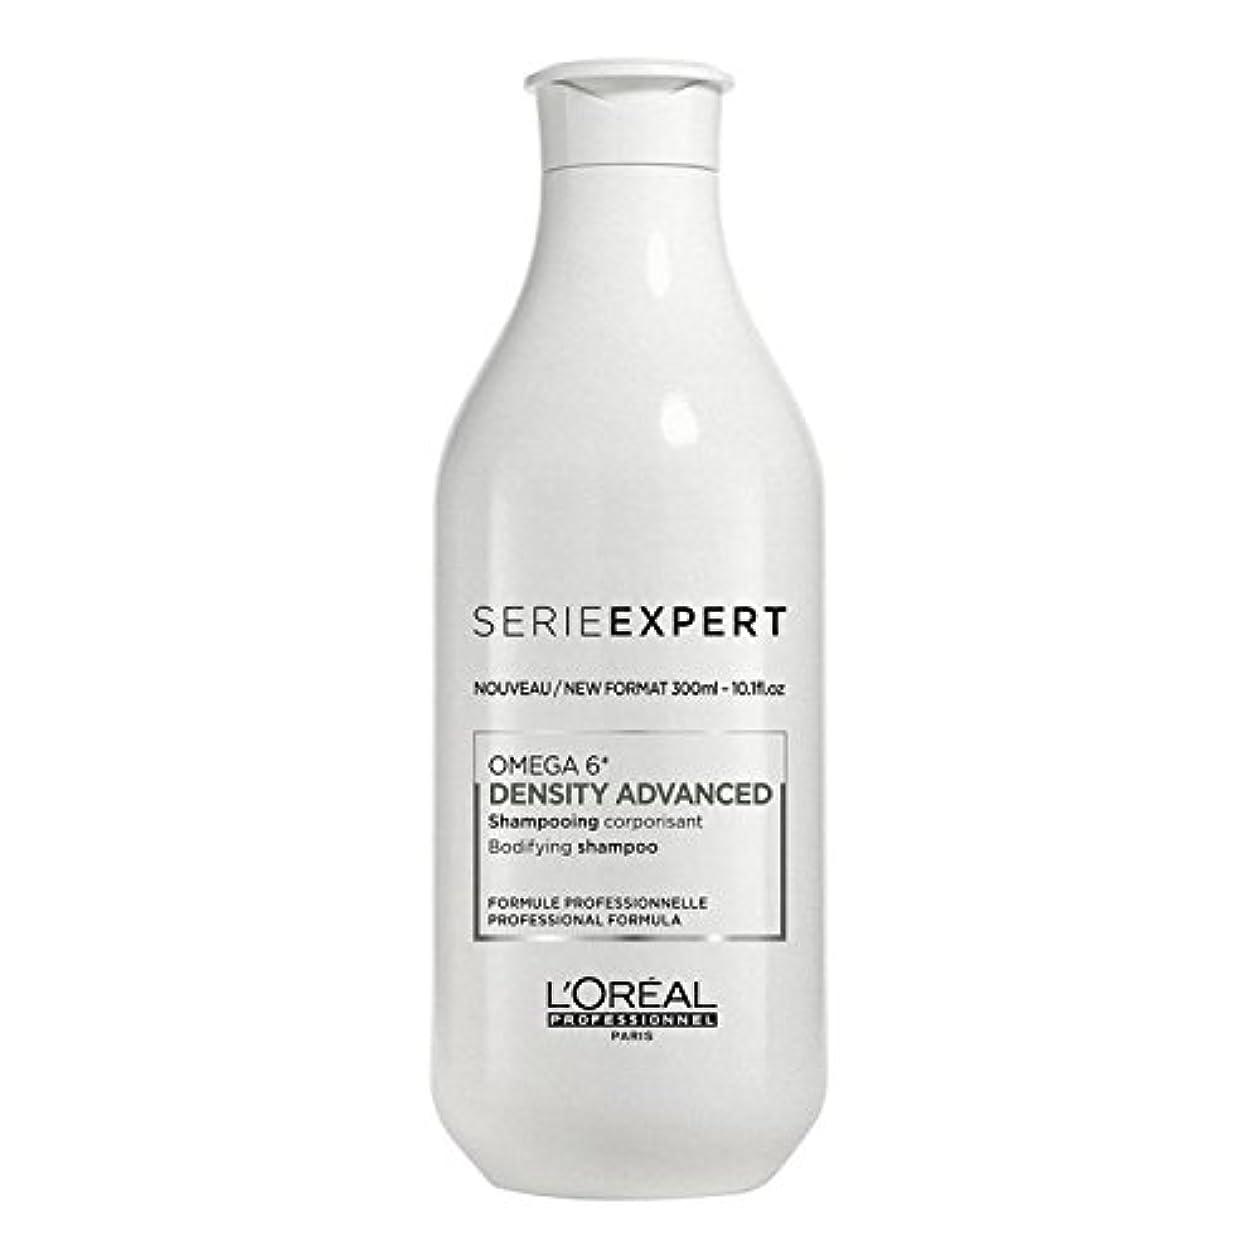 とにかく四ブロッサムL'Oreal Serie Expert Omega 6 DENSITY ADVANCED Bodifying Shampoo 300 ml [並行輸入品]